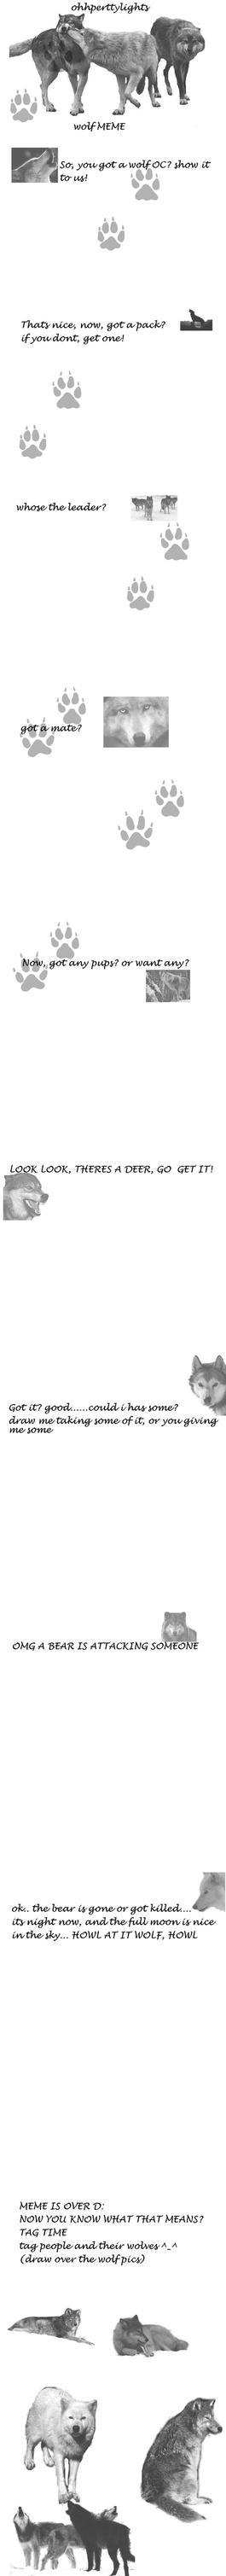 Wolf OC meme by ohhperttylights